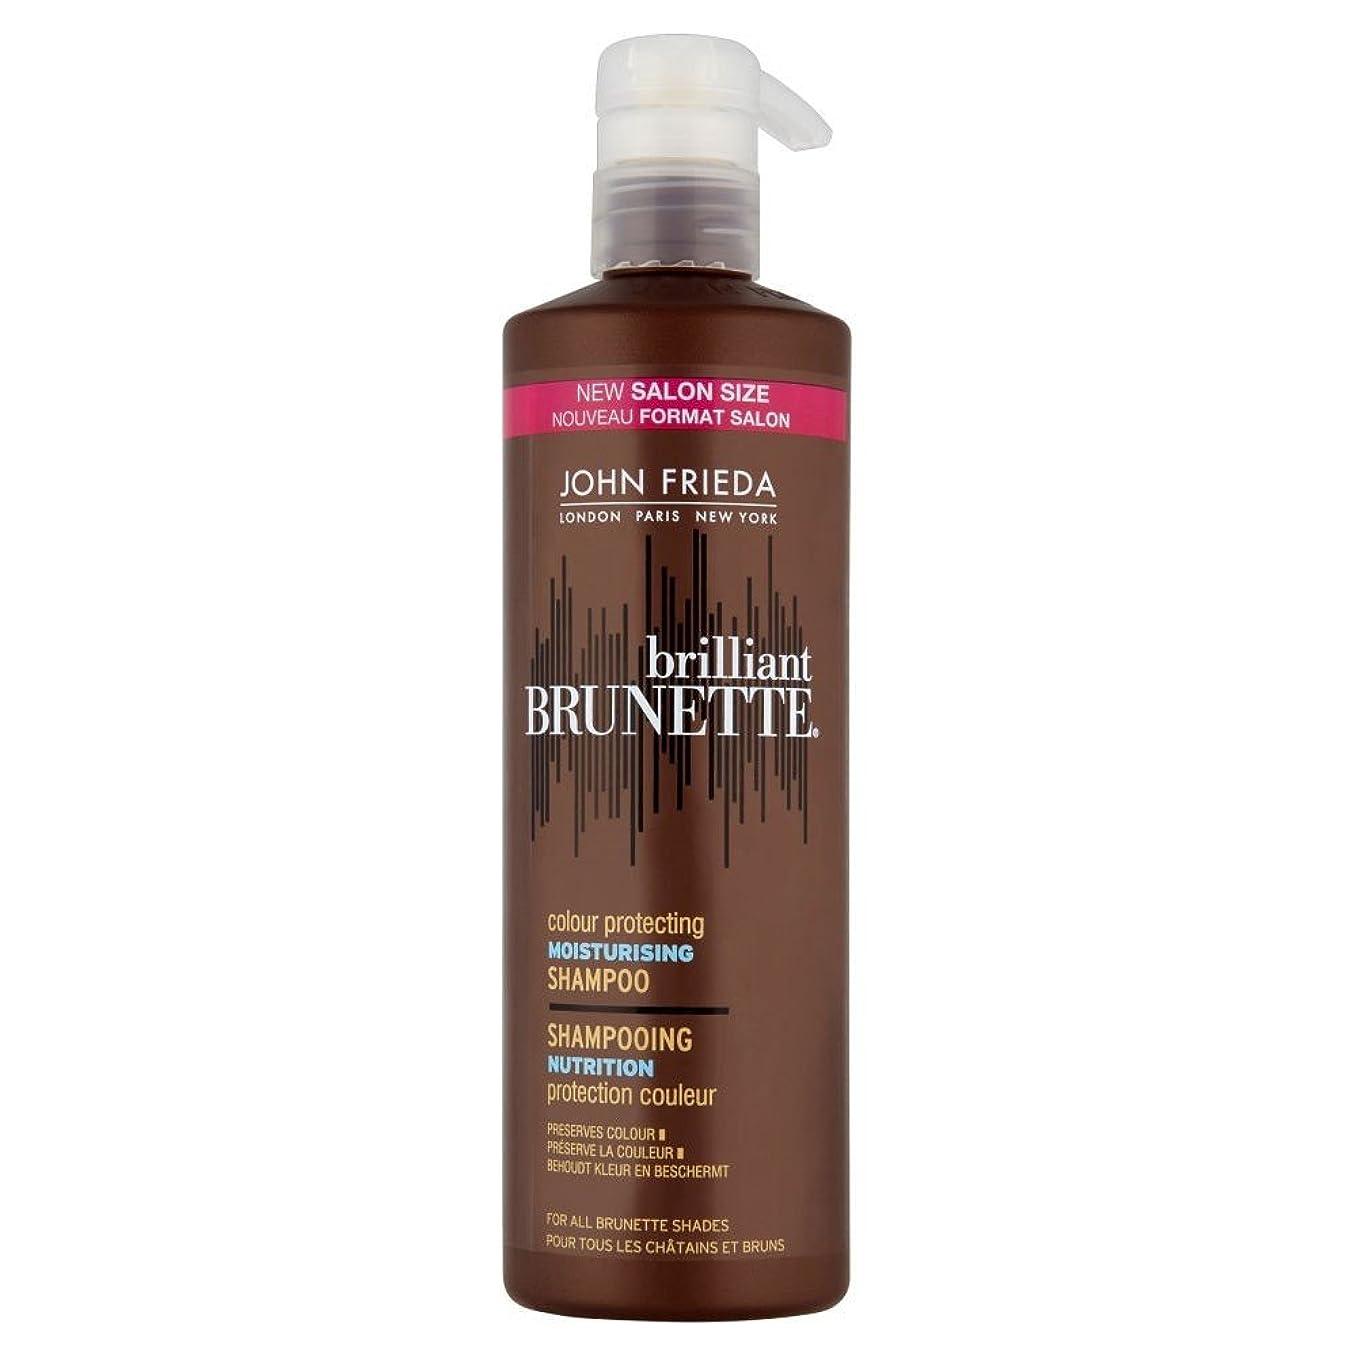 充電パイント干し草John Frieda Brilliant Brunette Colour Protecting Moisturising Shampoo (500ml) ジョン?フリーダ鮮やかなブルネットの色保護保湿シャンプー( 500ミリリットル) [並行輸入品]